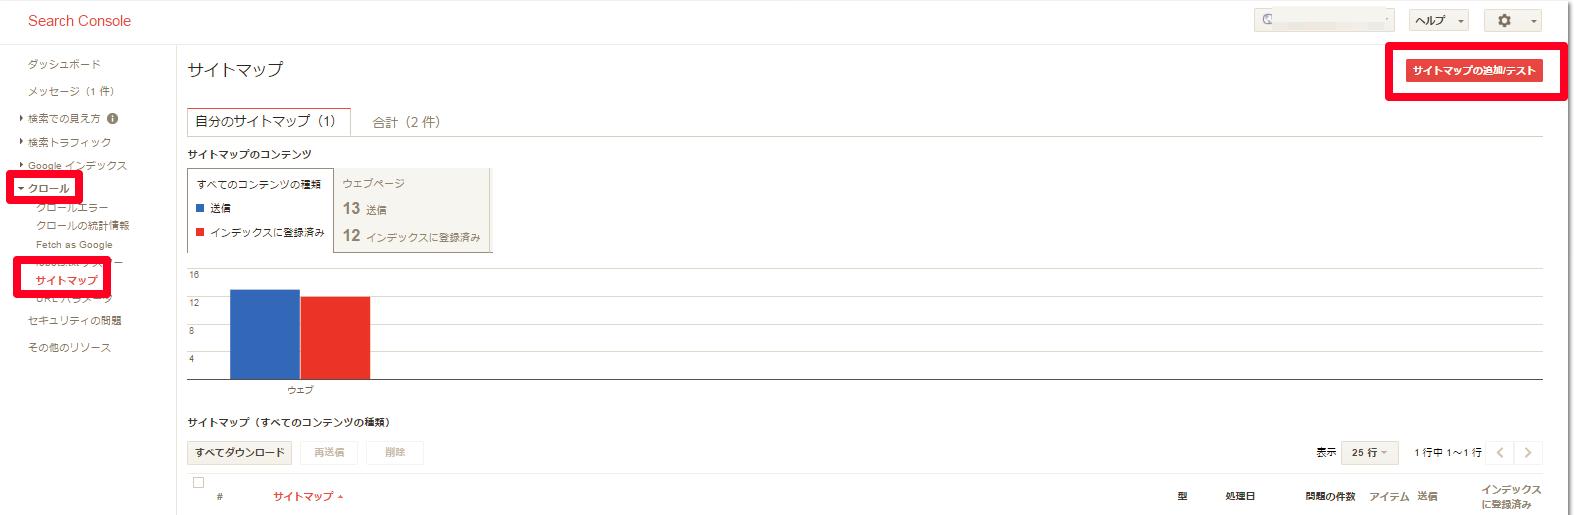 右上にある「サイトマップの追加/テスト」を選択